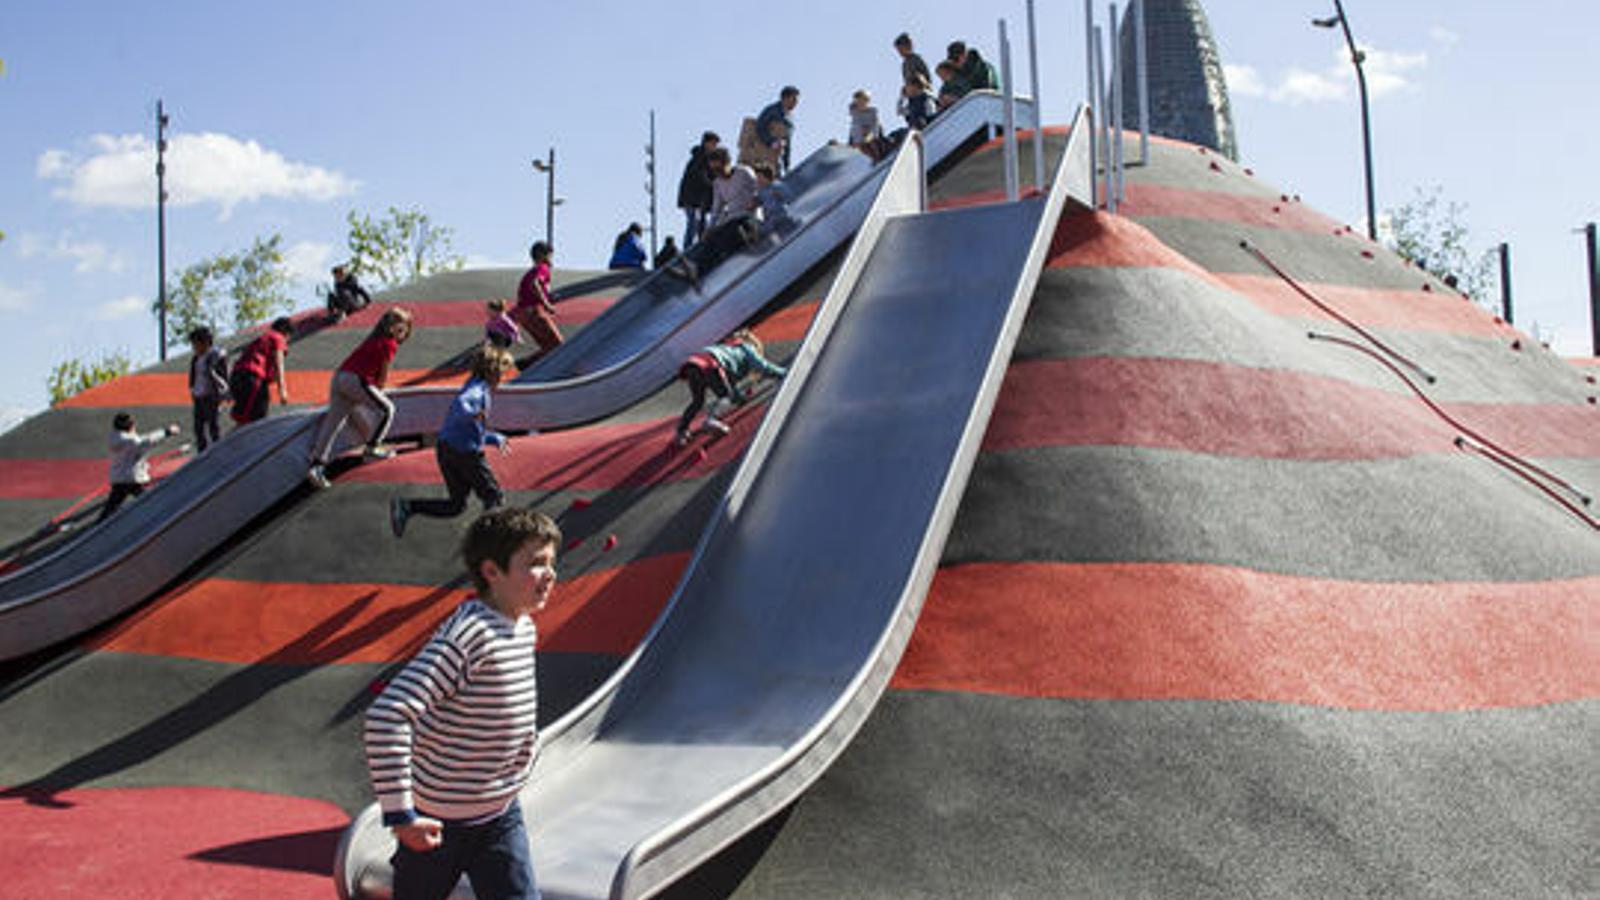 Nens jugant en un parc de Barcelona / JORDI ROVIRALTA